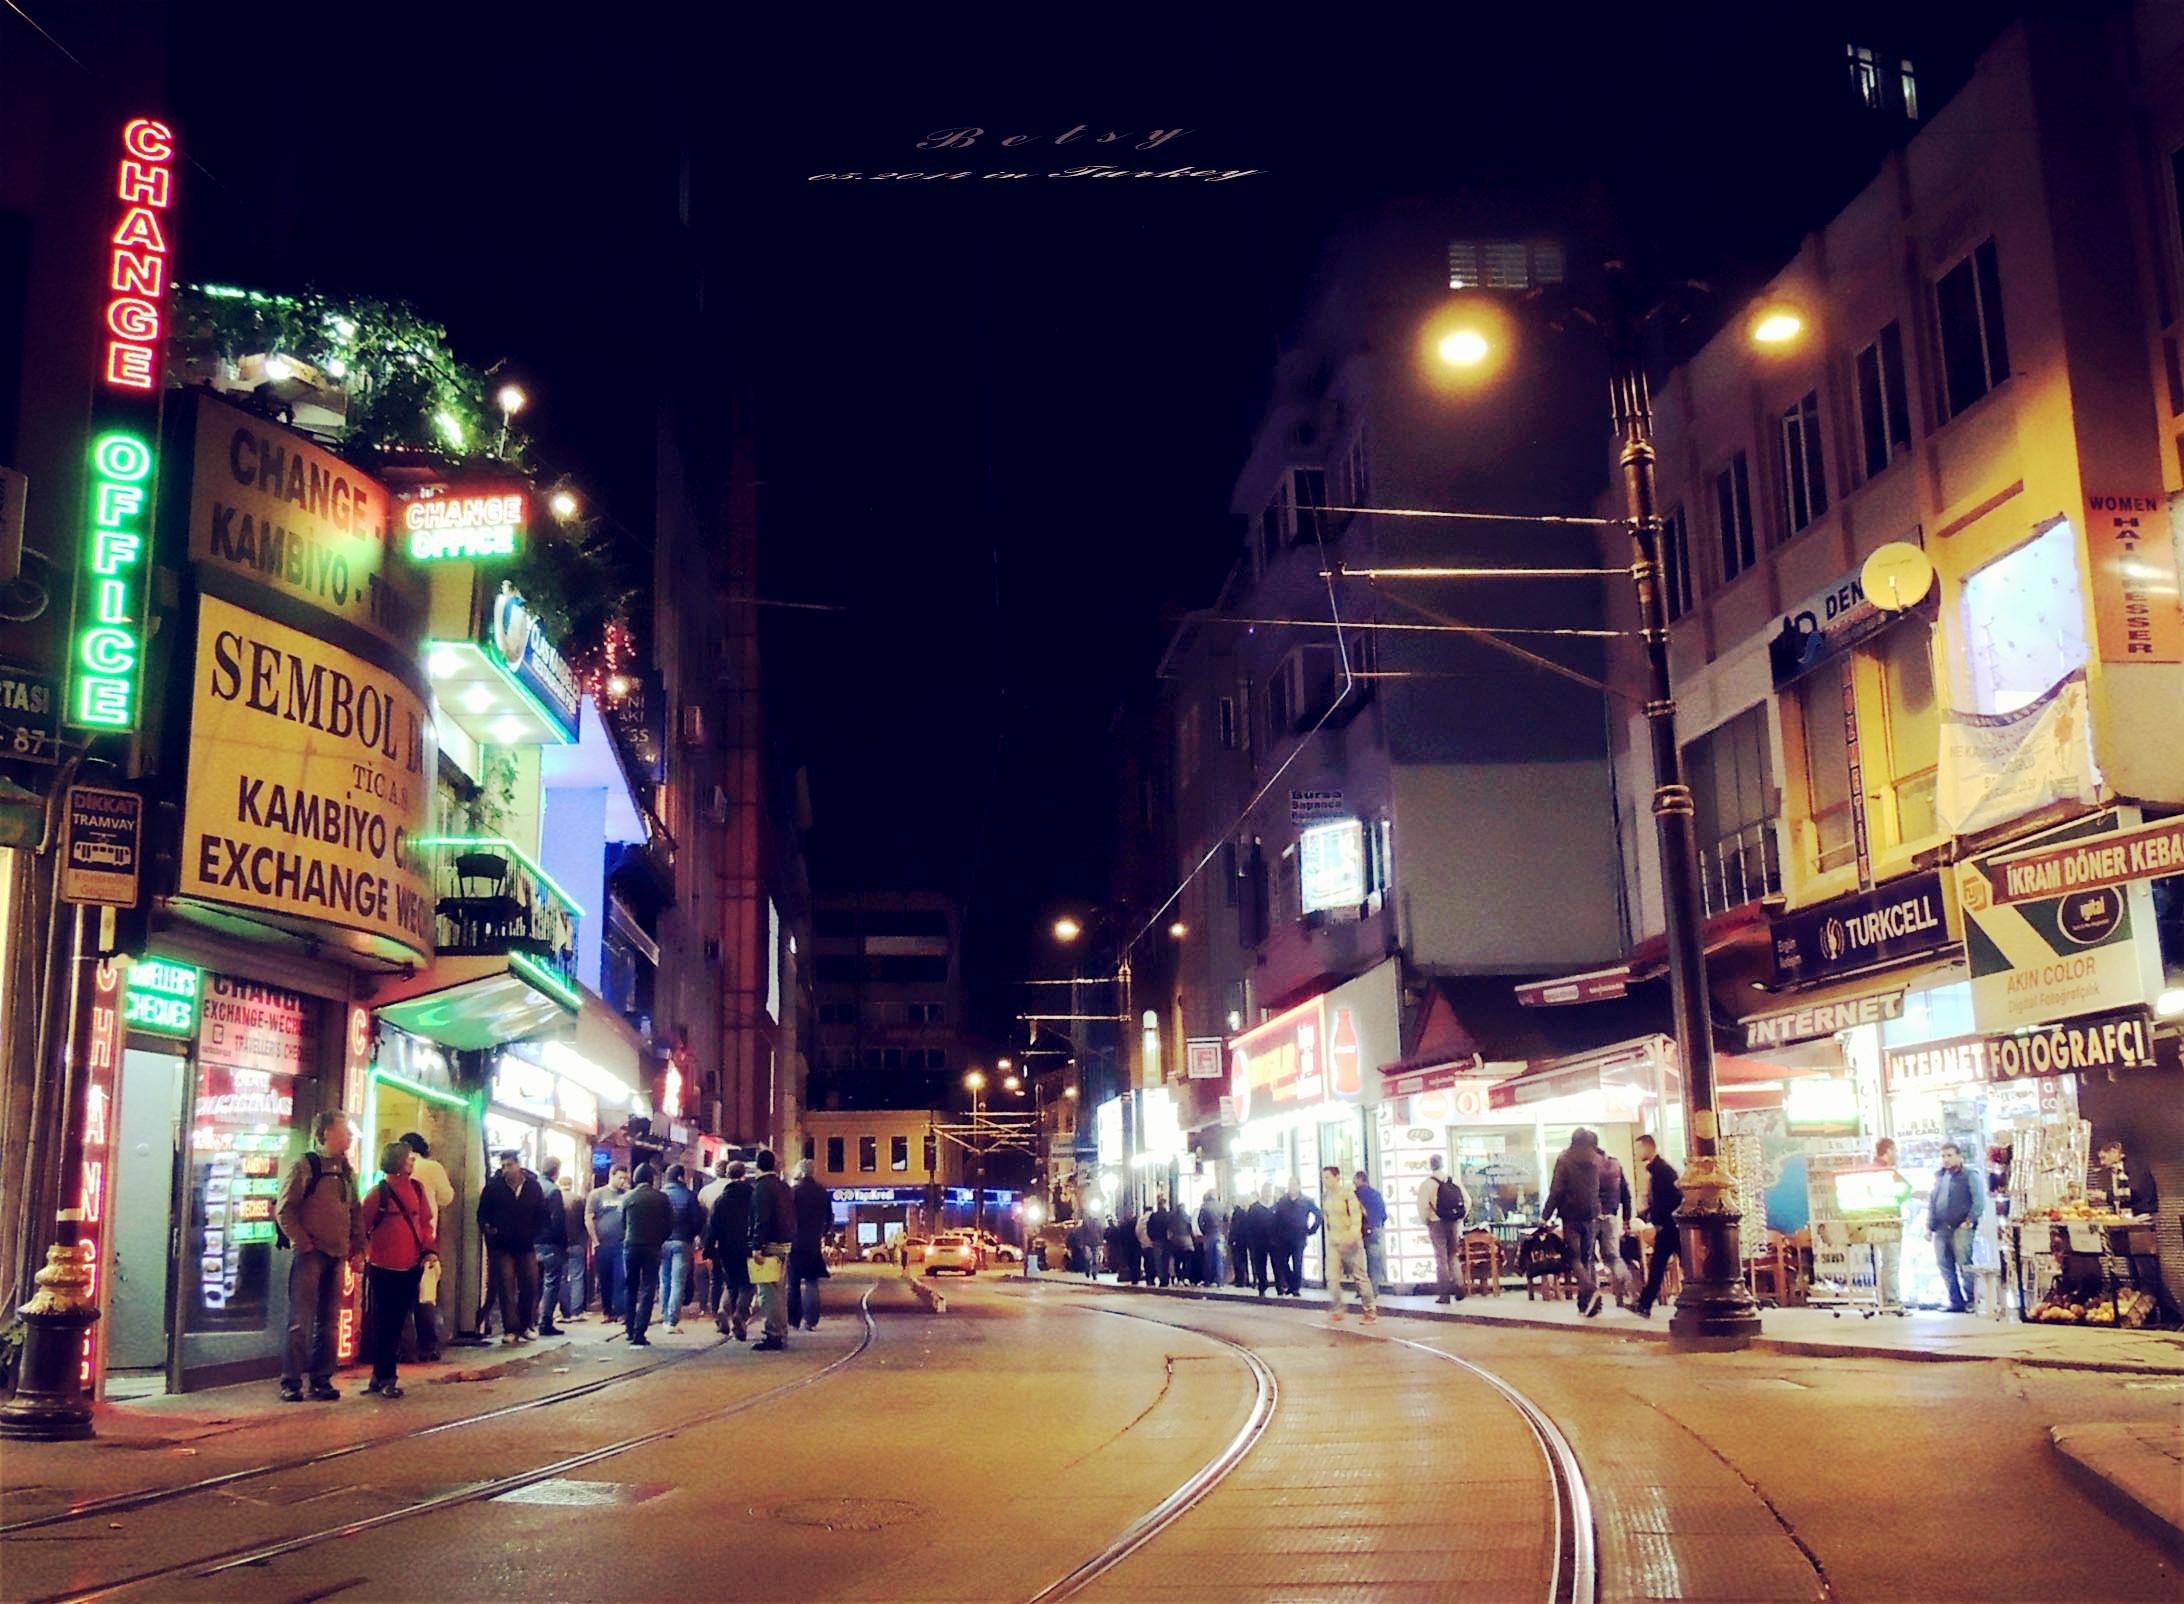 90年代贫民区城市街道夜景-欧洲90年代贫民区图片